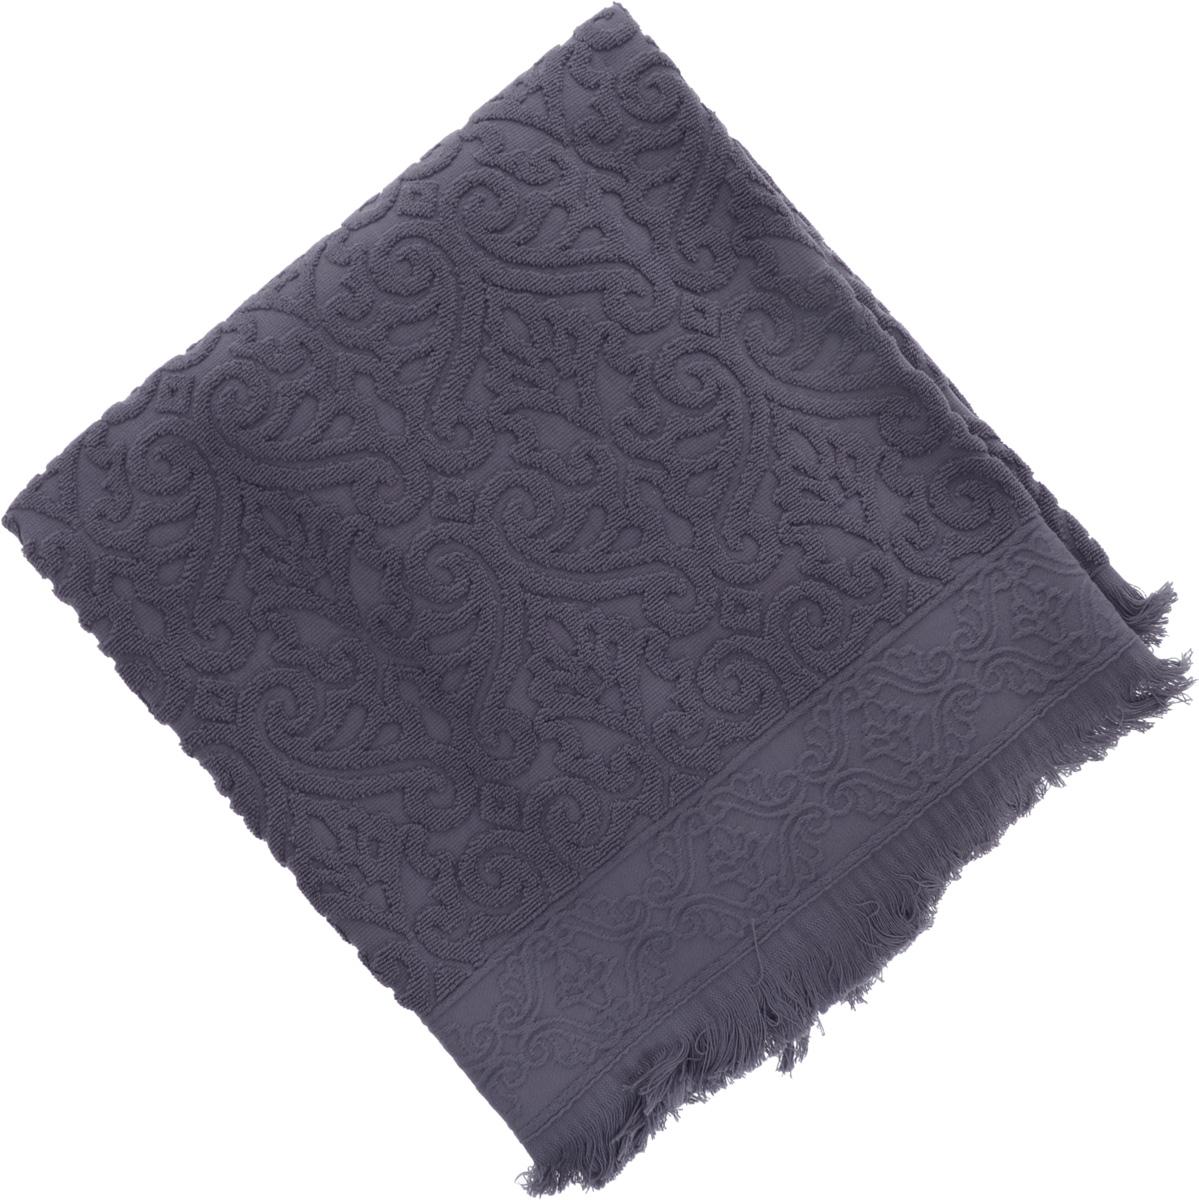 Полотенце махровое Issimo Home Tarren, цвет: индиго, 90 x 150 см4961Полотенце Issimo Home Tarren выполнено из 100% хлопка с махровым рельефным узором. Изделие отлично впитывает влагу, быстро сохнет и не теряет форму даже после многократных стирок. Рекомендации по уходу:- режим стирки при 40°C,- допускается обычная химчистка,- отбеливание запрещено,- глажка при температуре подошвы утюга до 110°С,- барабанный отжим запрещен.Размер полотенца: 90 х 150 см.